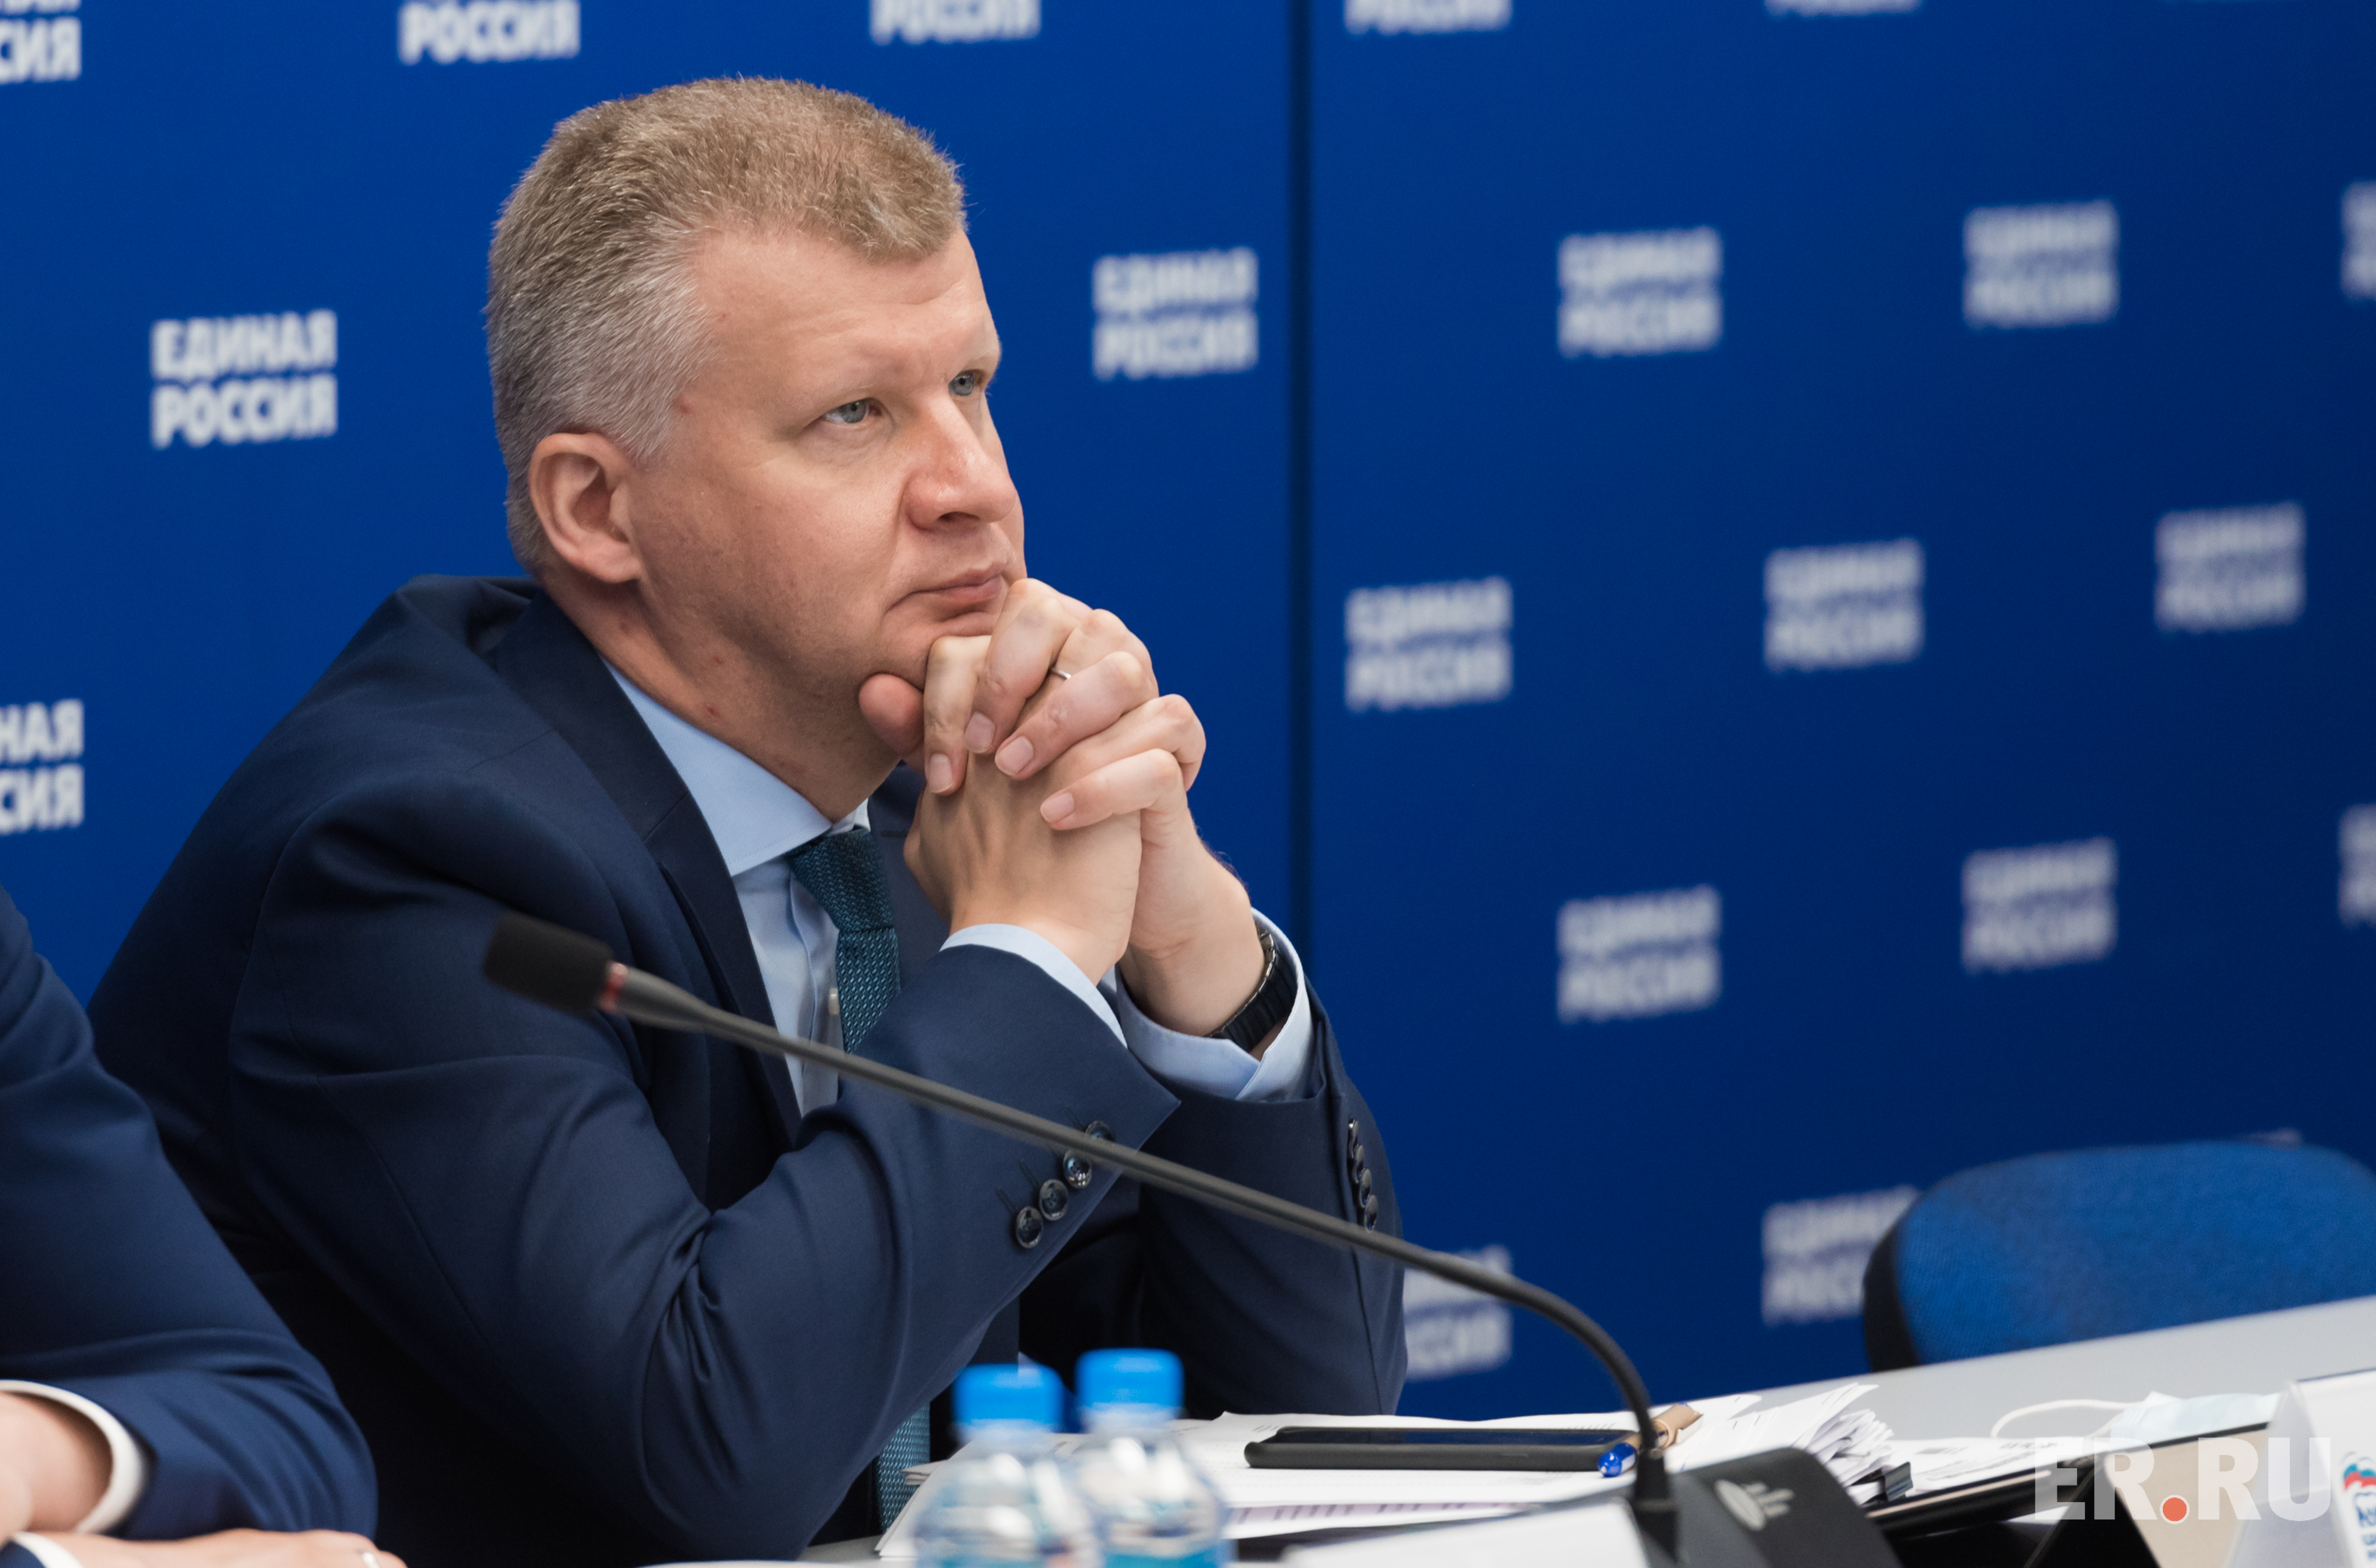 «Единая Россия» передала Минпросвещения реестр школ в регионах, нуждающихся в капремонте